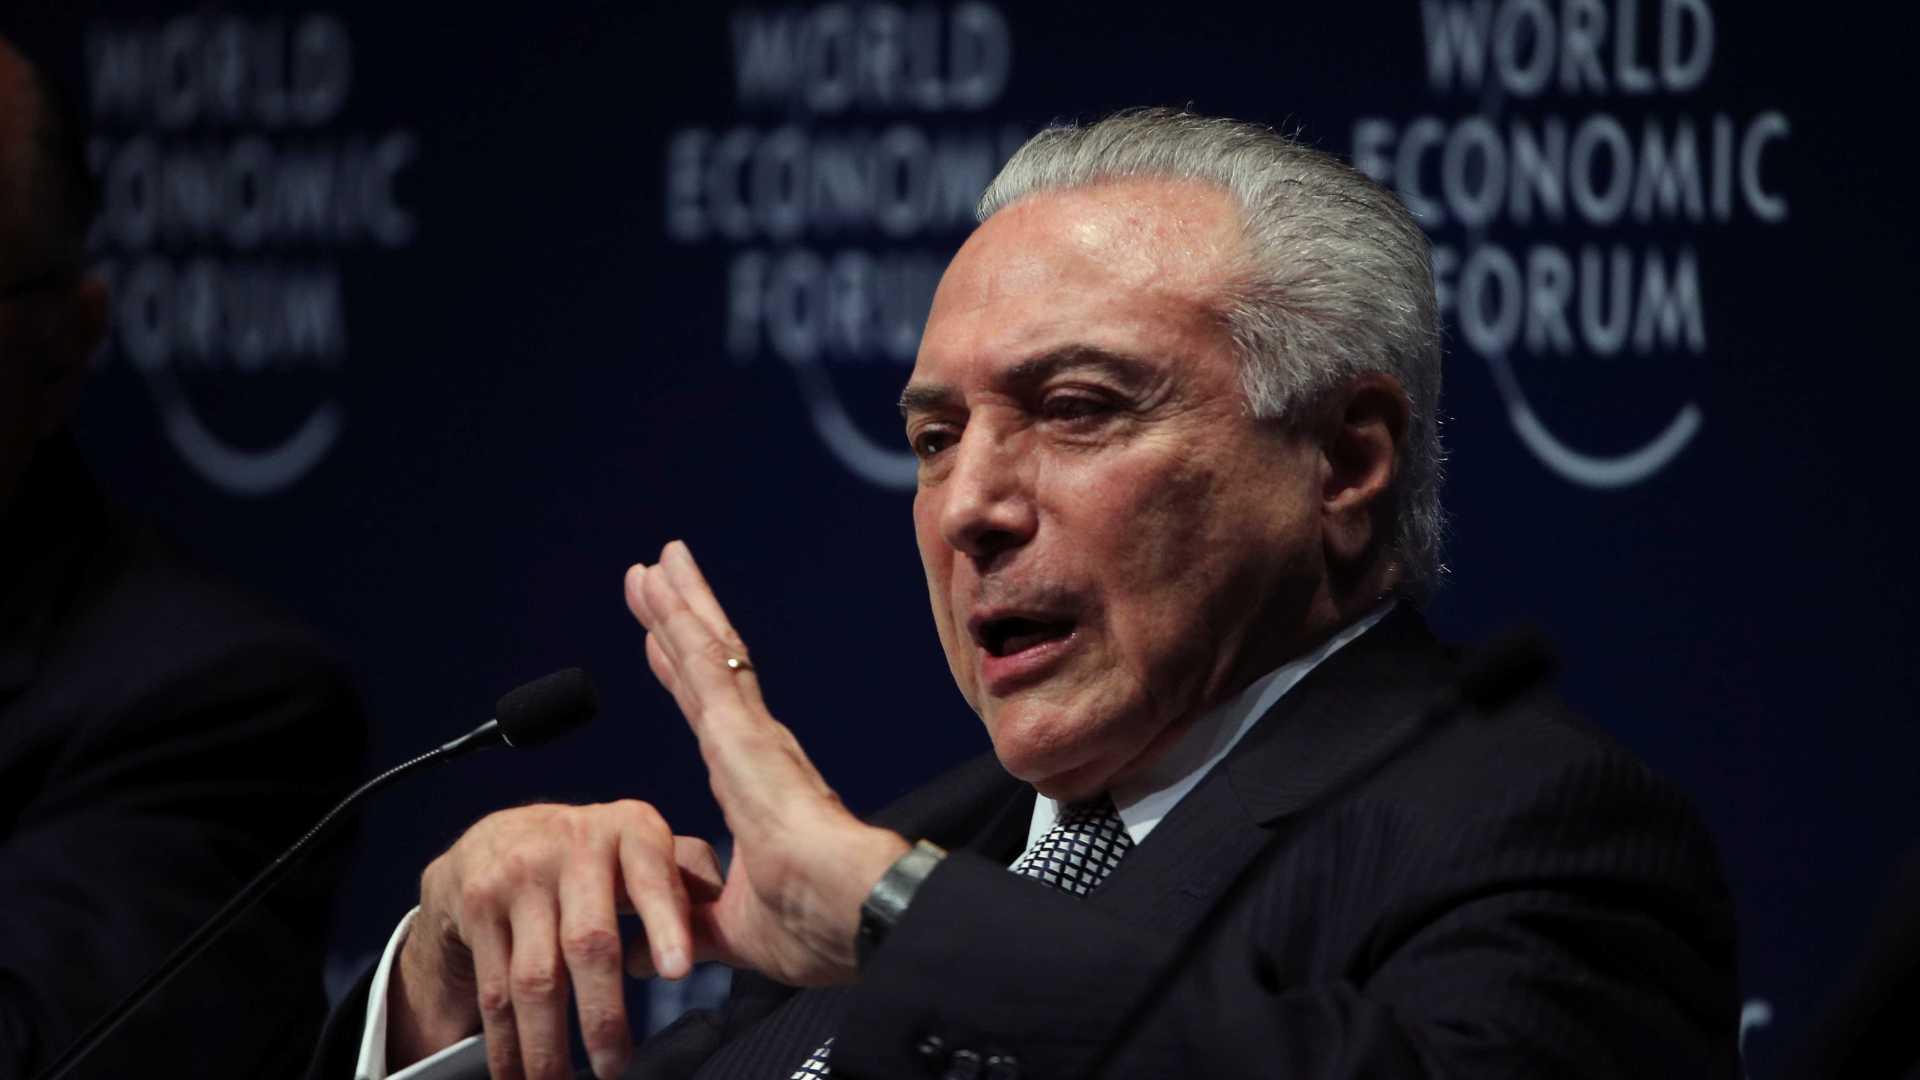 temer 2 - A mesada de 340 mil reais a Michel Temer